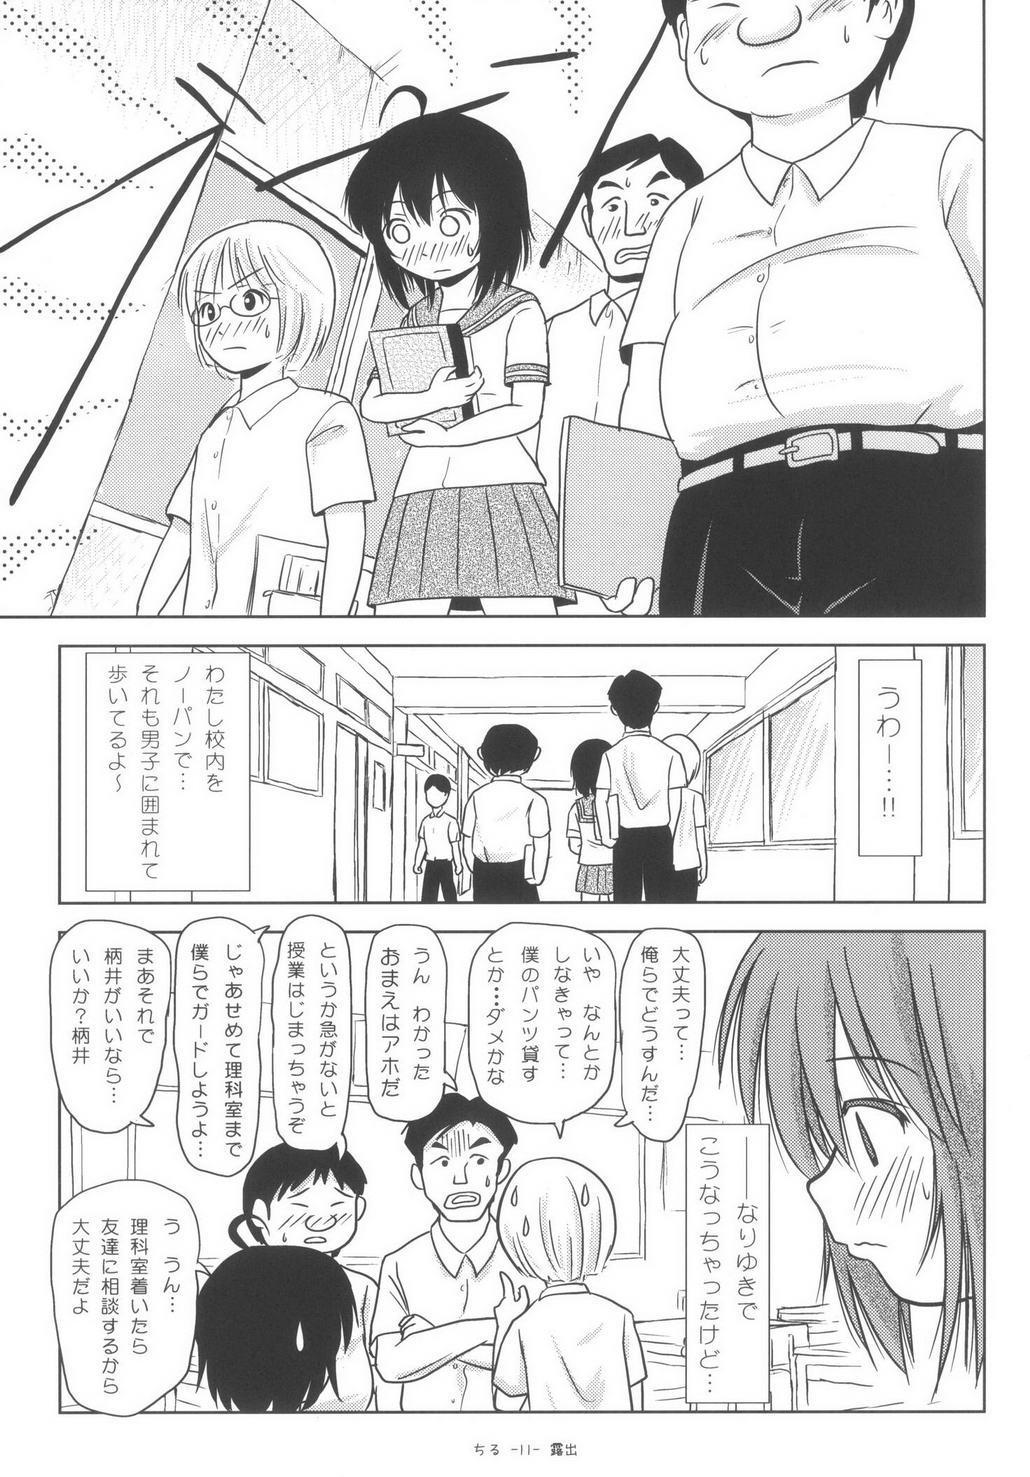 Chiru Roshutsu 6 10